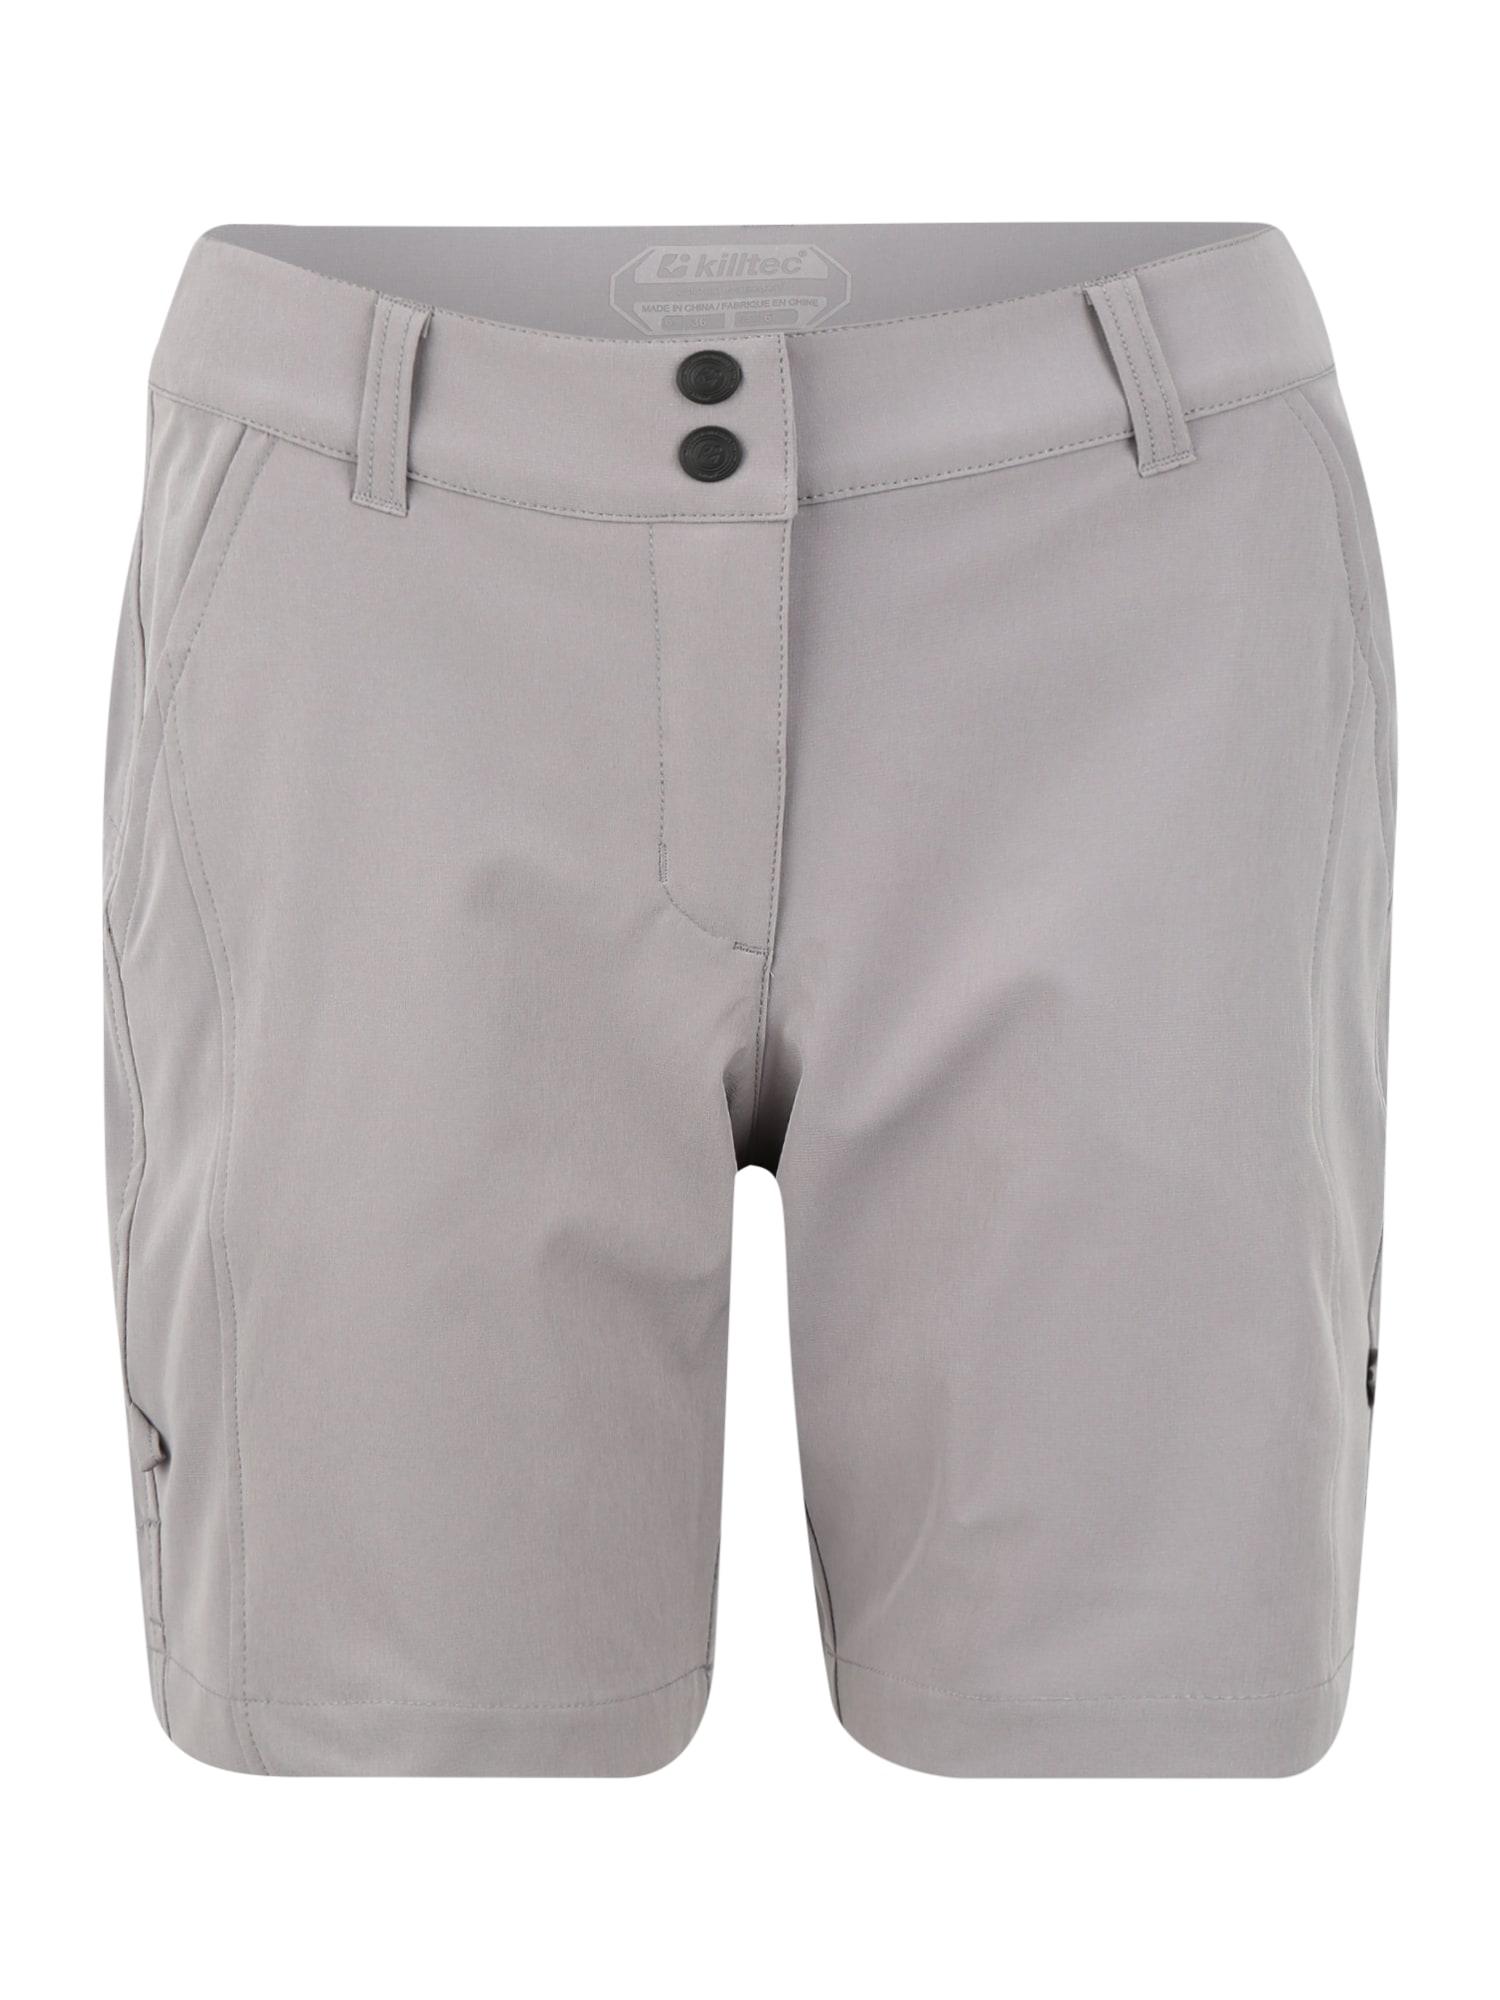 KILLTEC Sportinės kelnės 'Runja' pilka